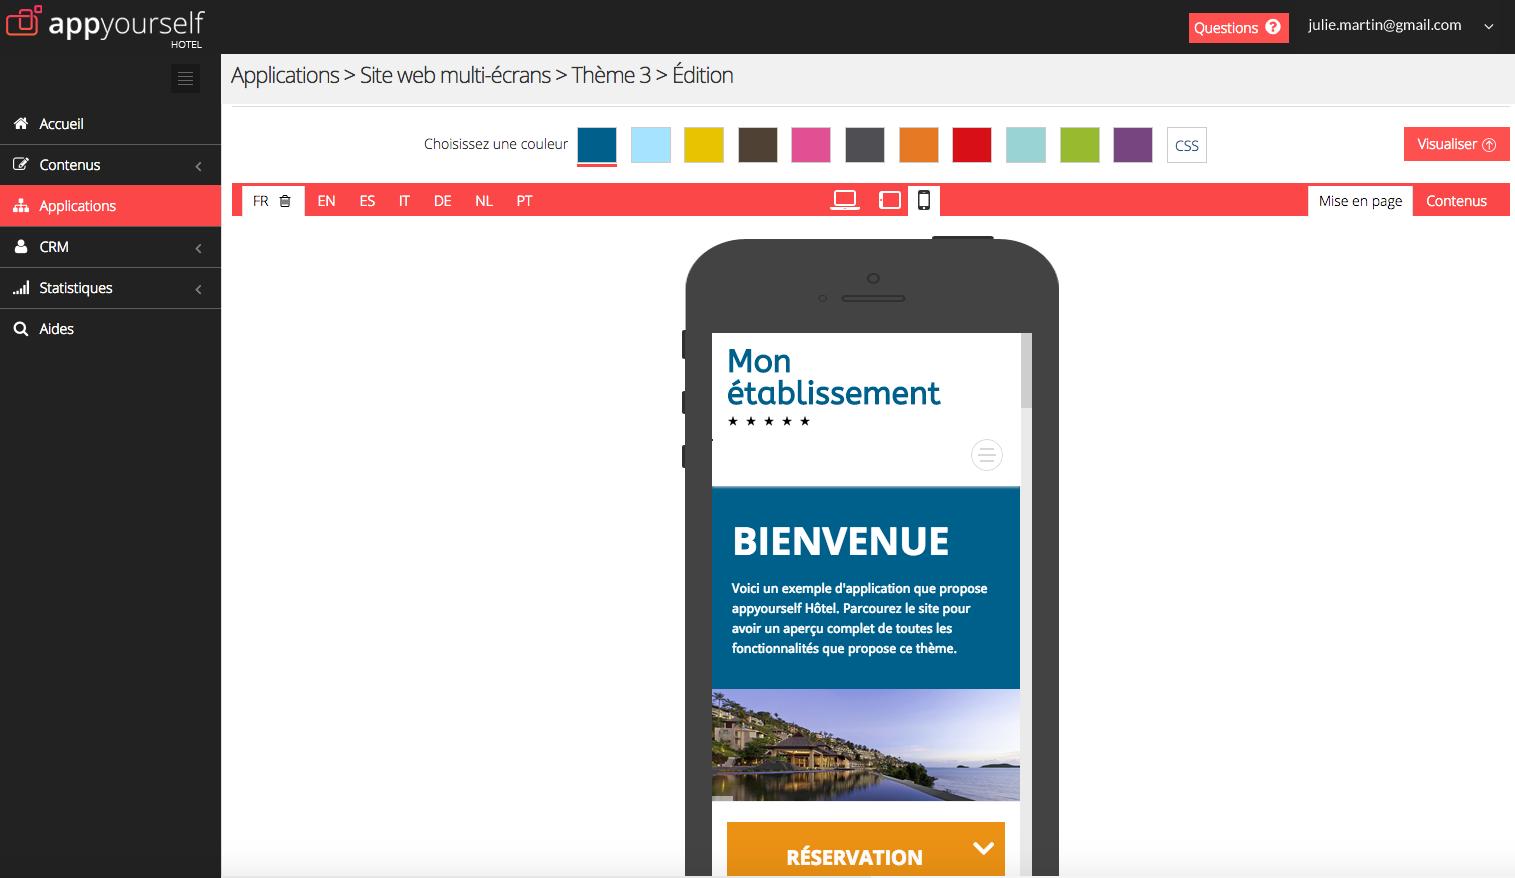 appyourself: Menus et navigation, Support (téléphone, email, ticket), Gestion de contacts